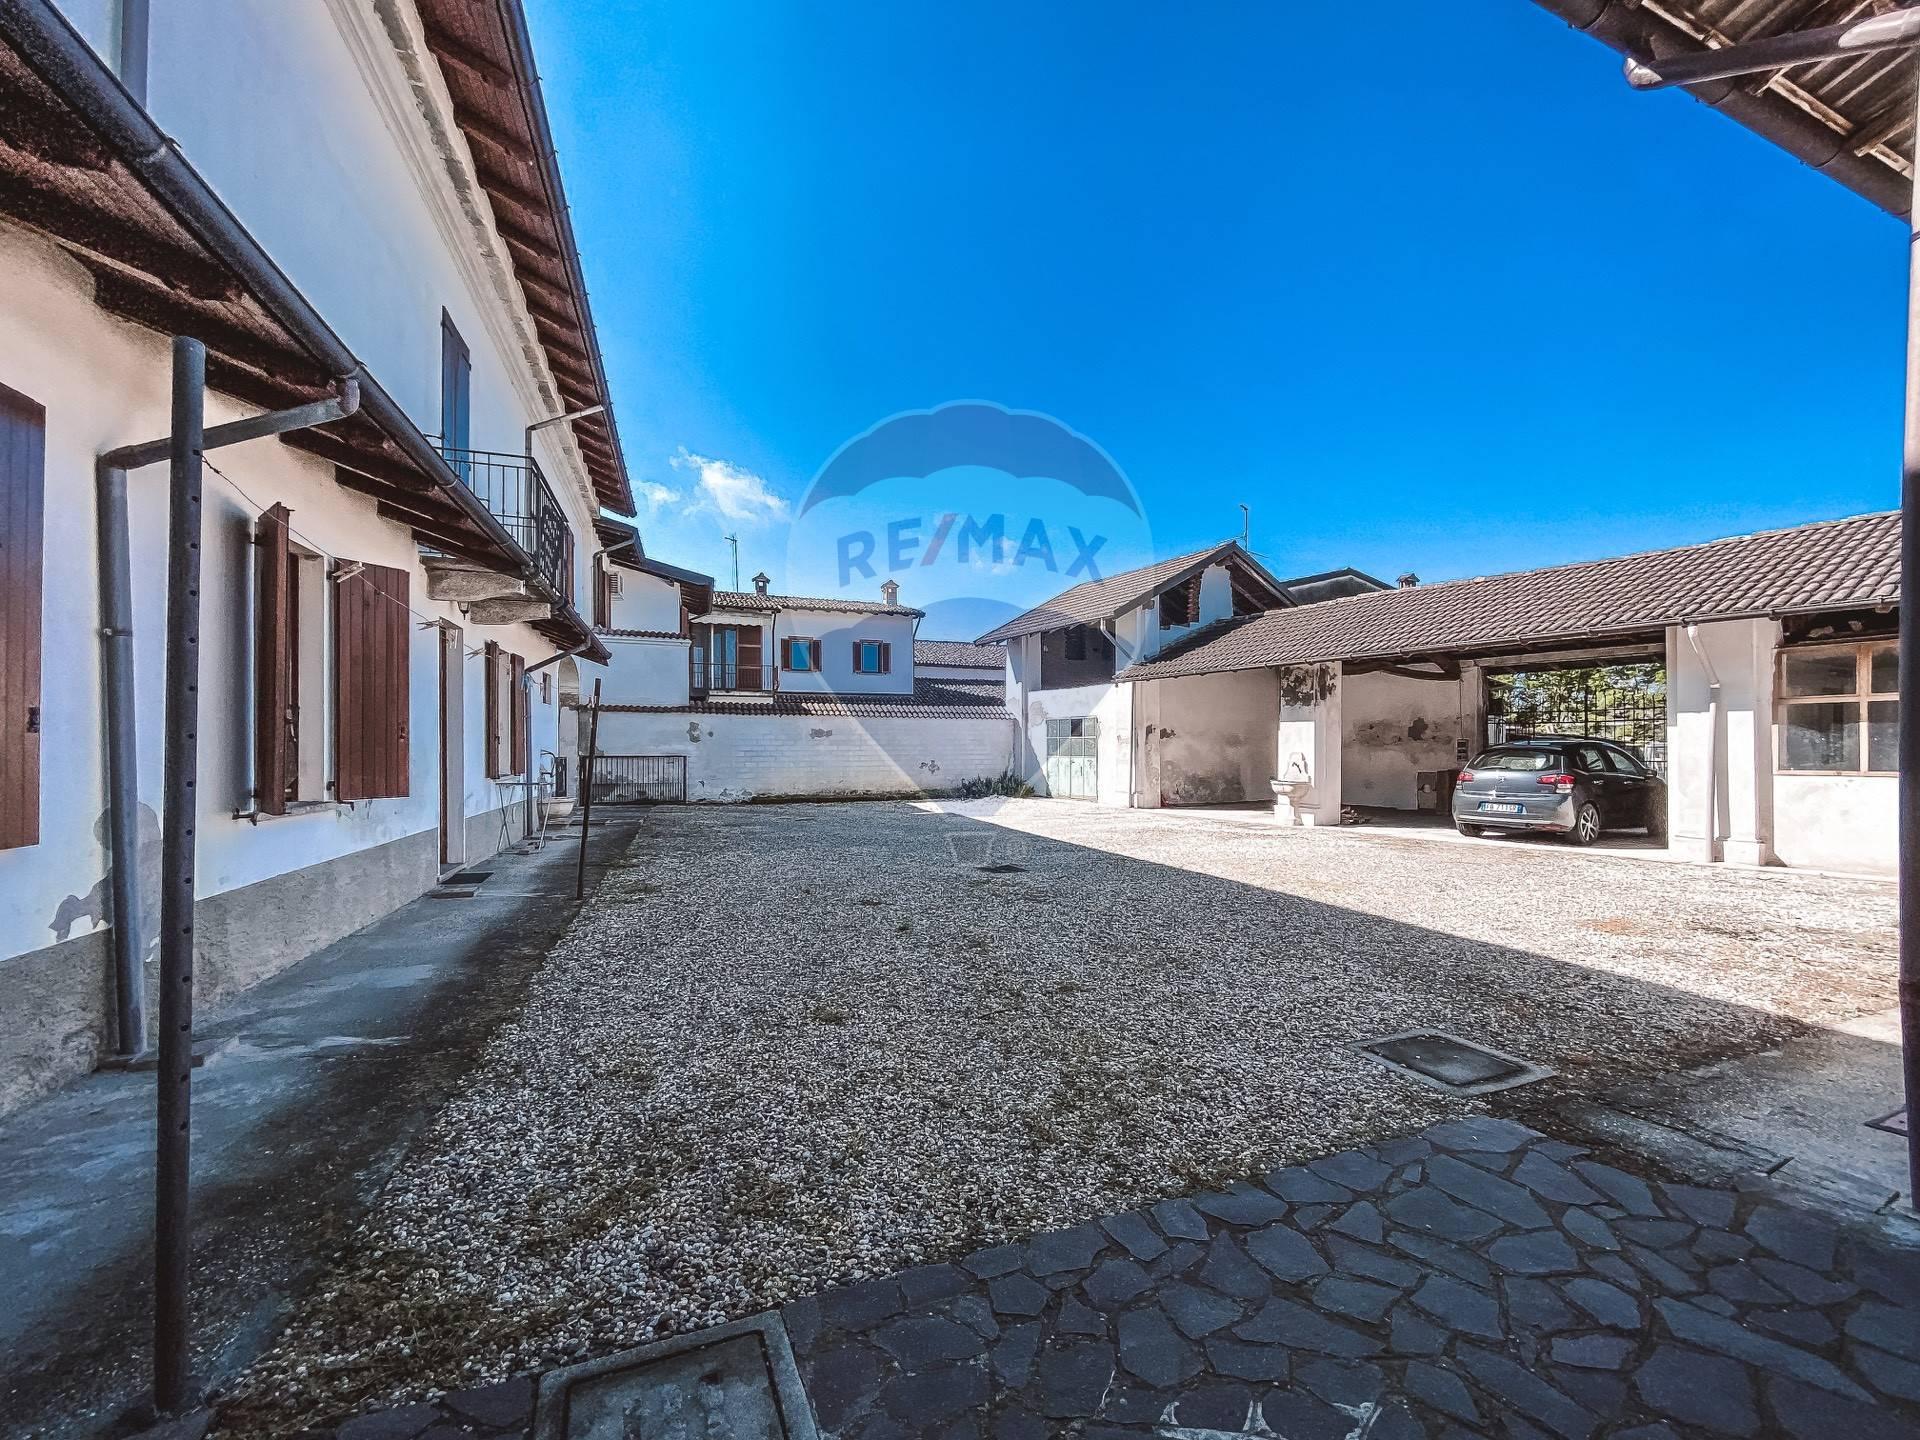 Rustico / Casale in vendita a Alagna, 7 locali, zona Località: AlagnaLomellina, prezzo € 150.000 | CambioCasa.it